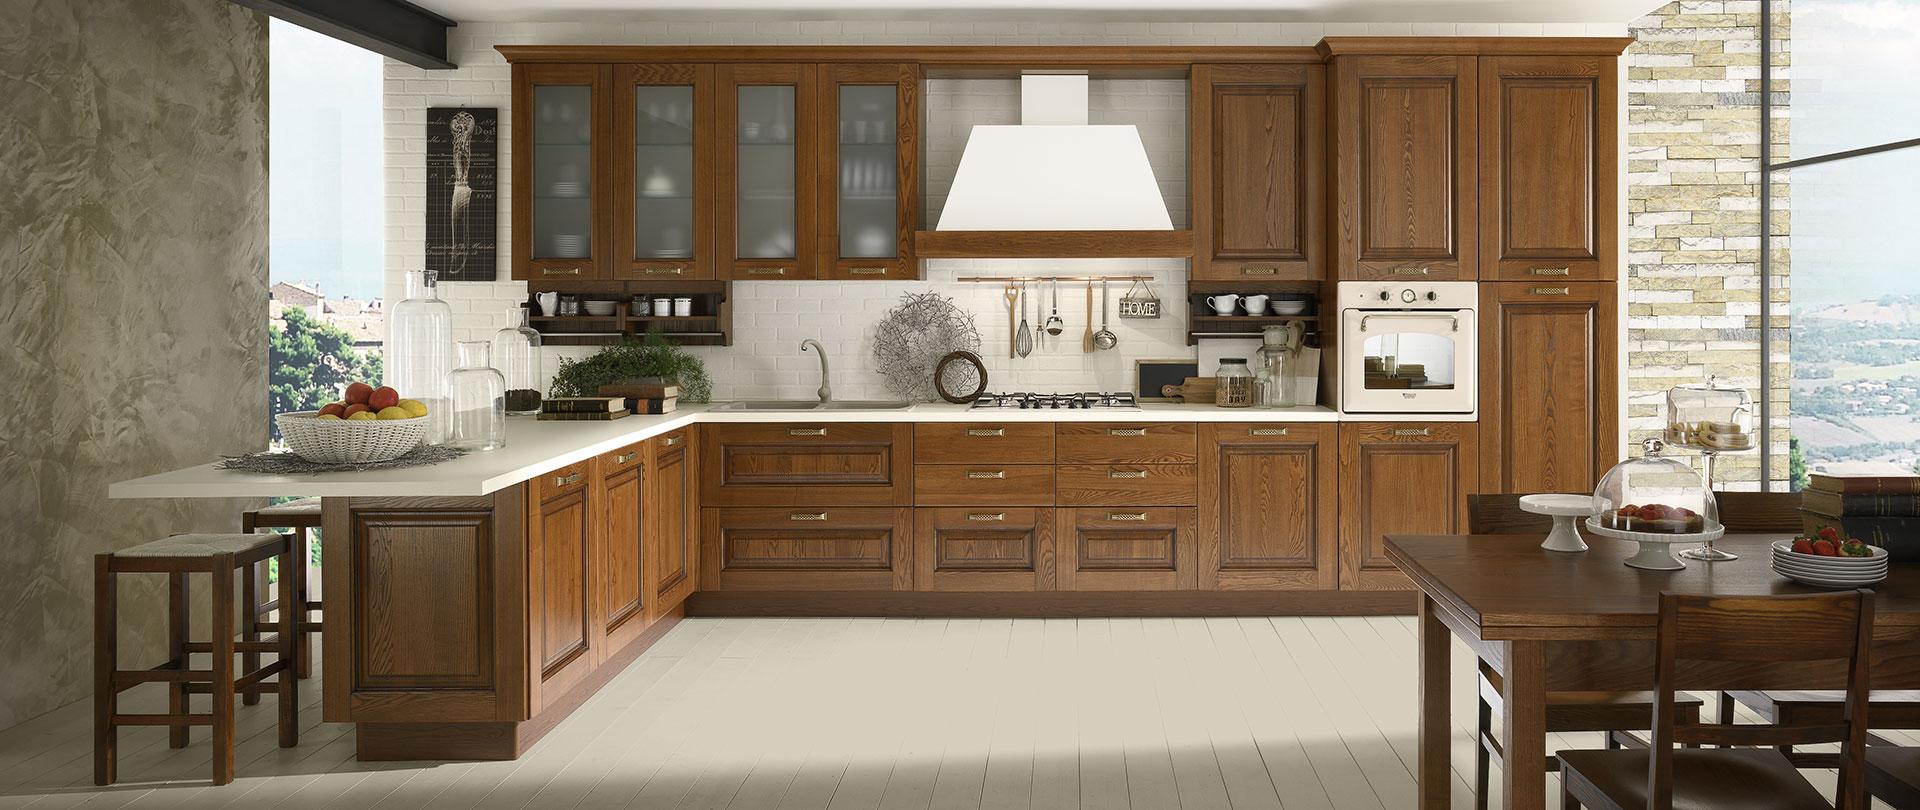 La verderosa s r l cucine in legno su misura a roma classiche e moderne componibili artigianali - Cucine ciliegio moderne ...